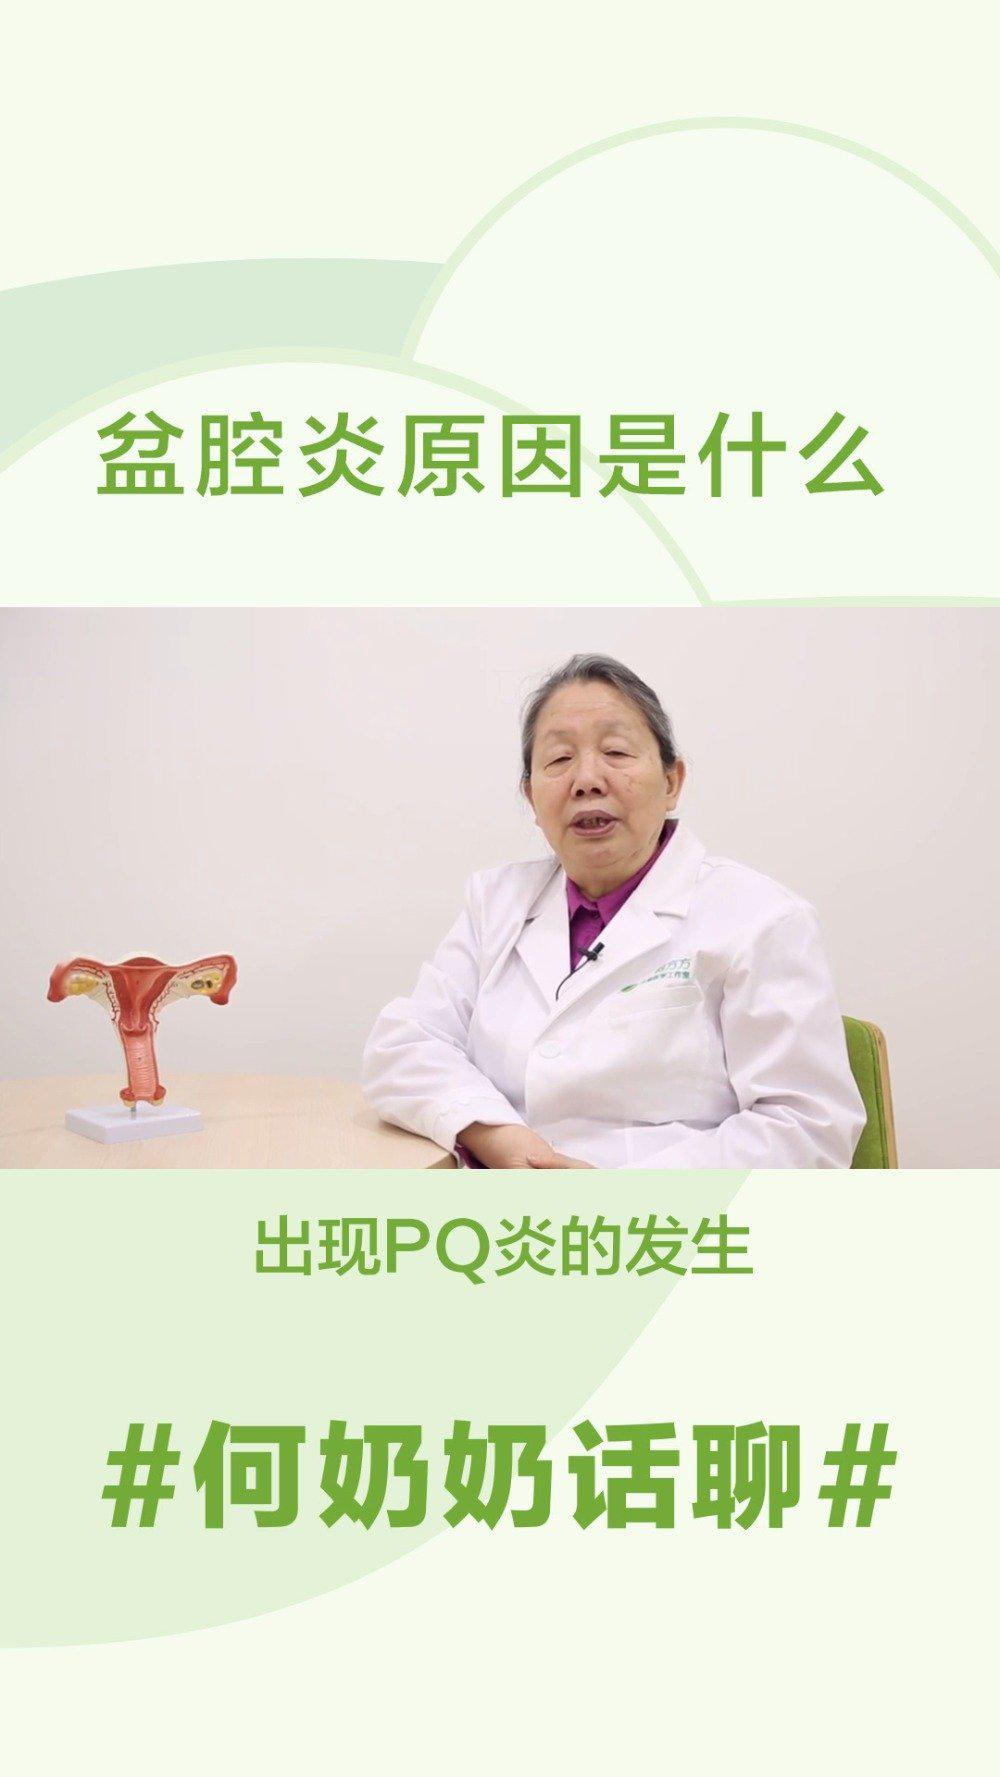 盆腔炎主要是指子宫、双附件炎症……